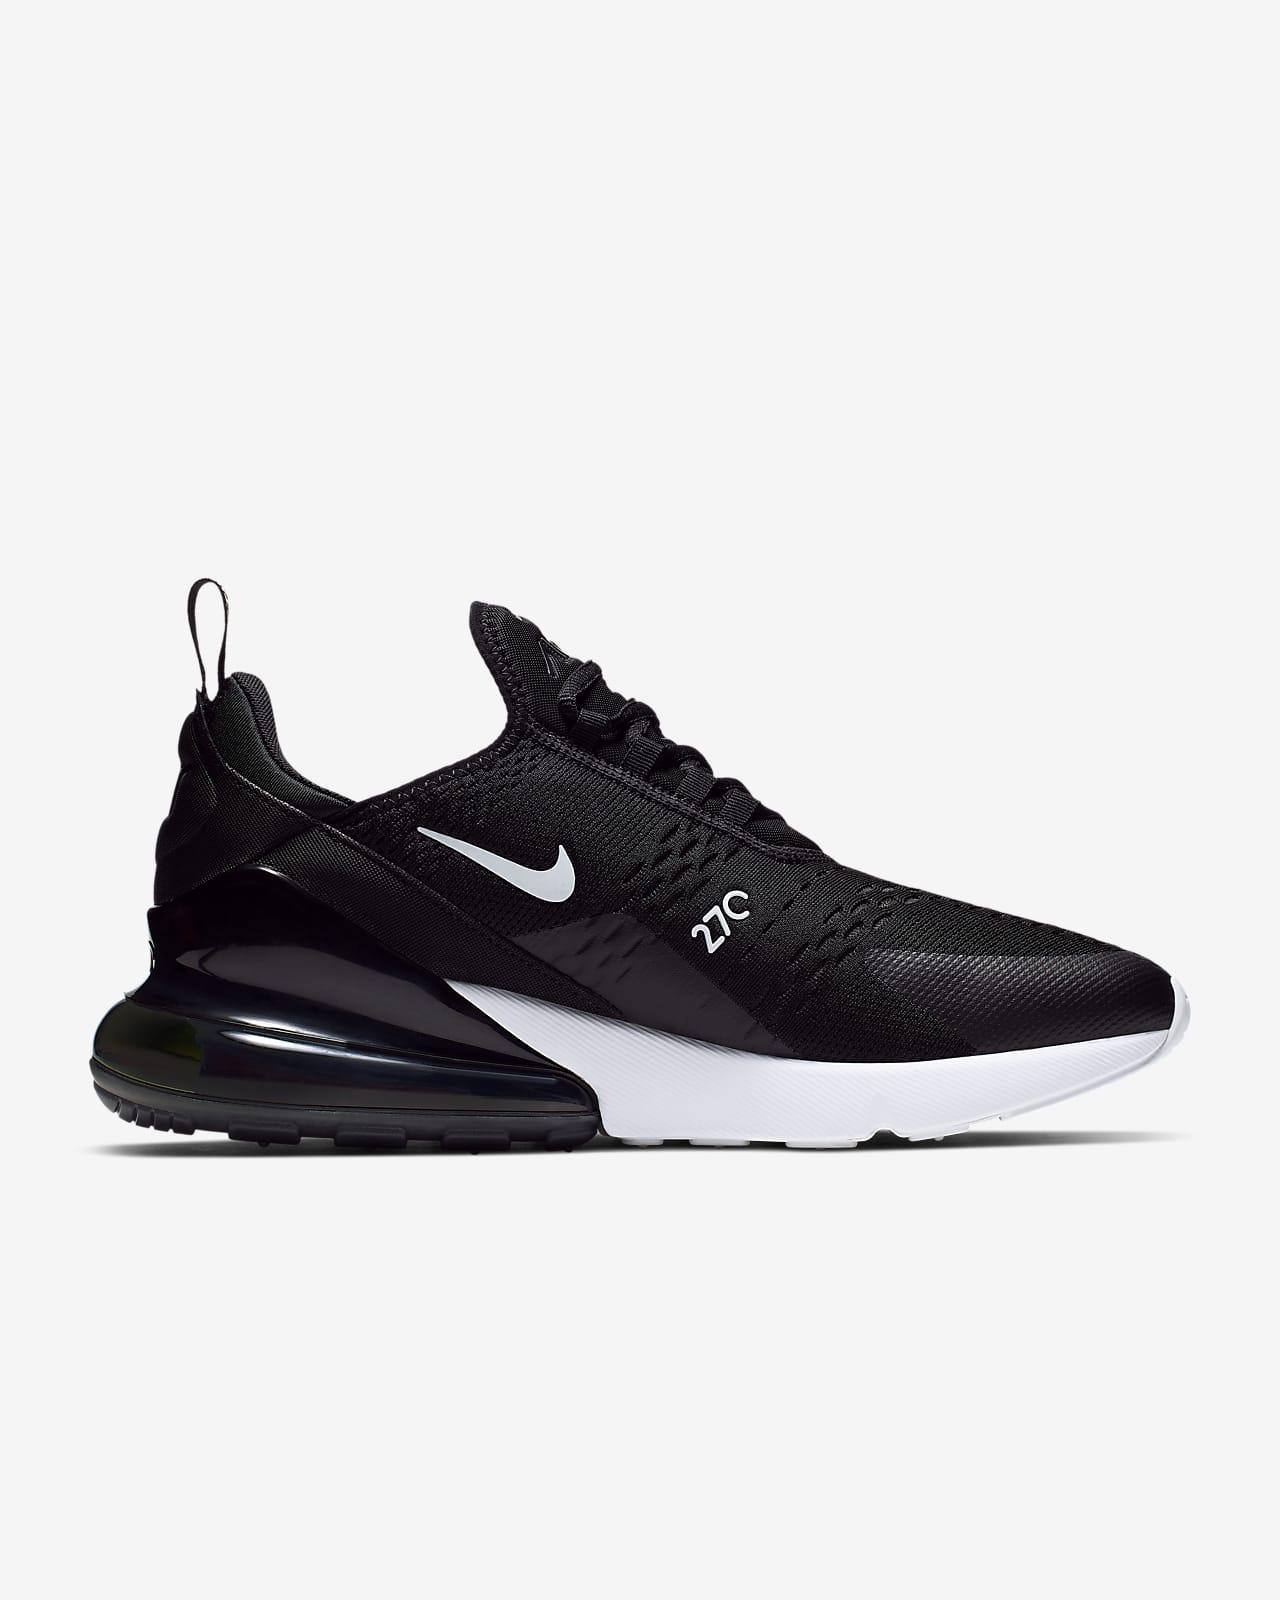 chaussure pointure 35 air max 270